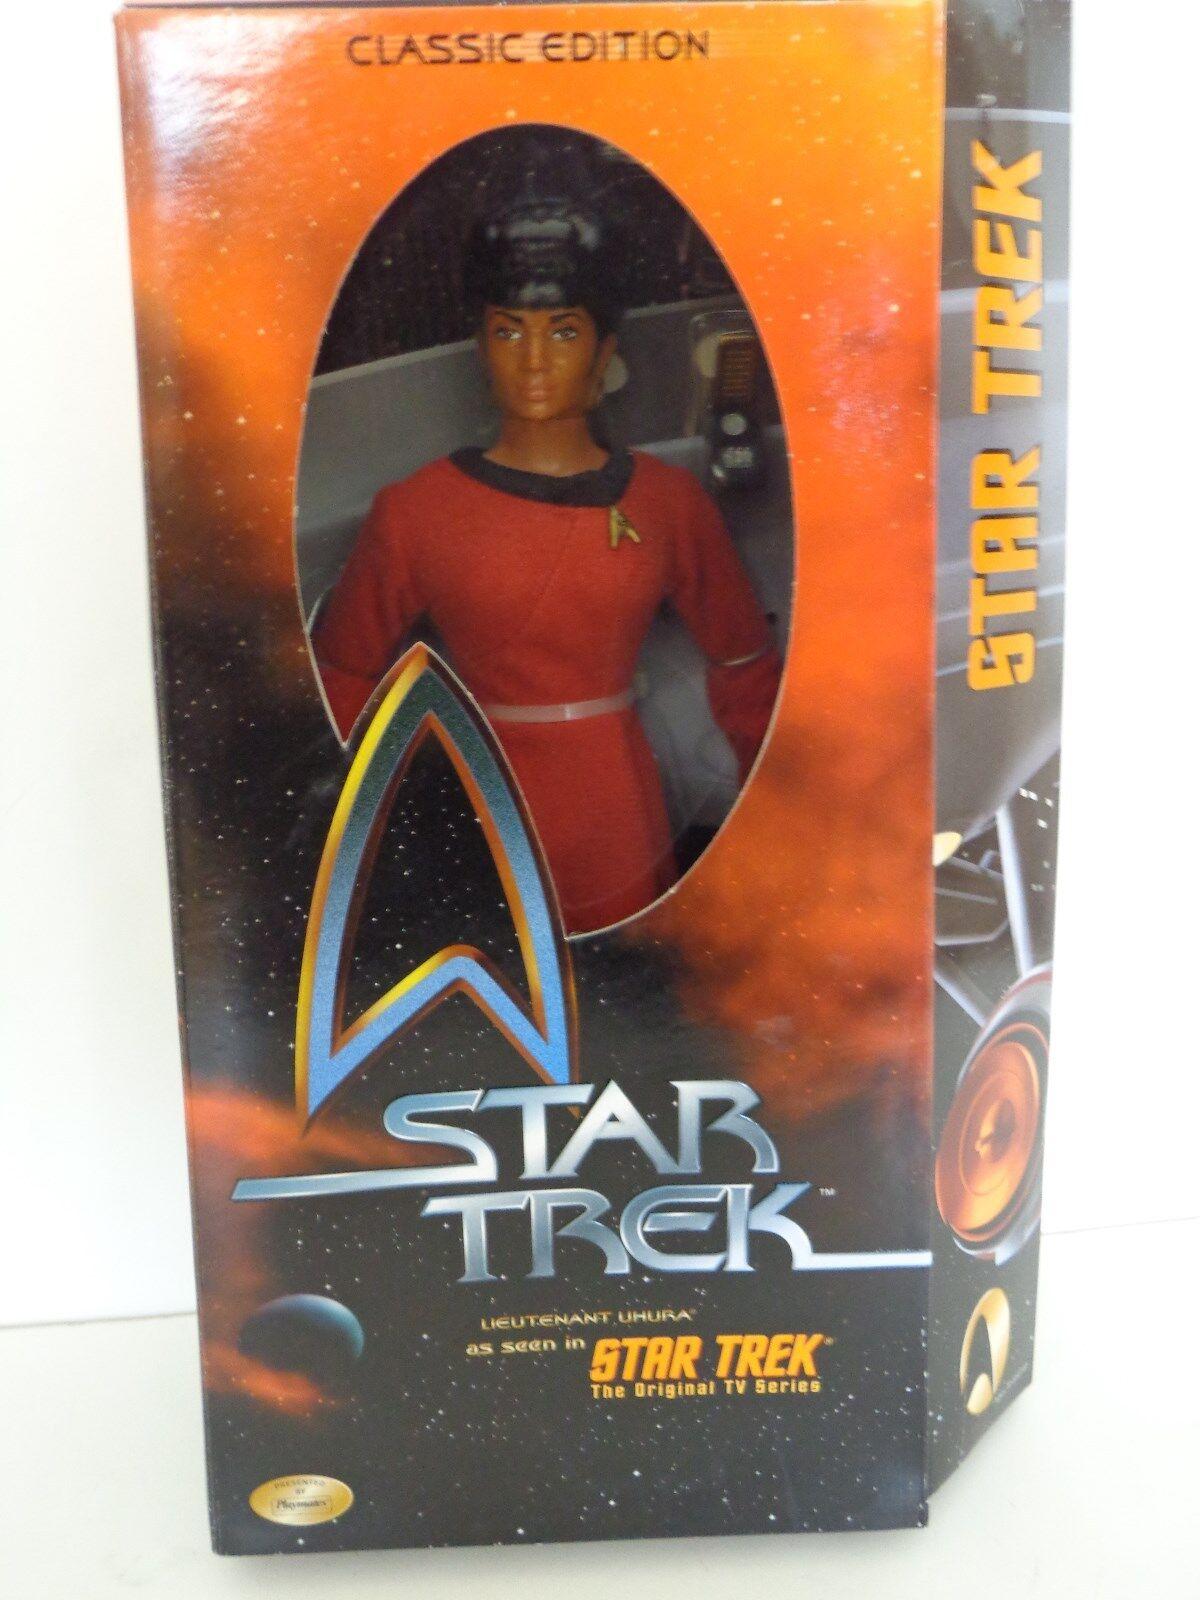 Star trek lieutenant uhura 12  klassische ausgabe zu ersticken.